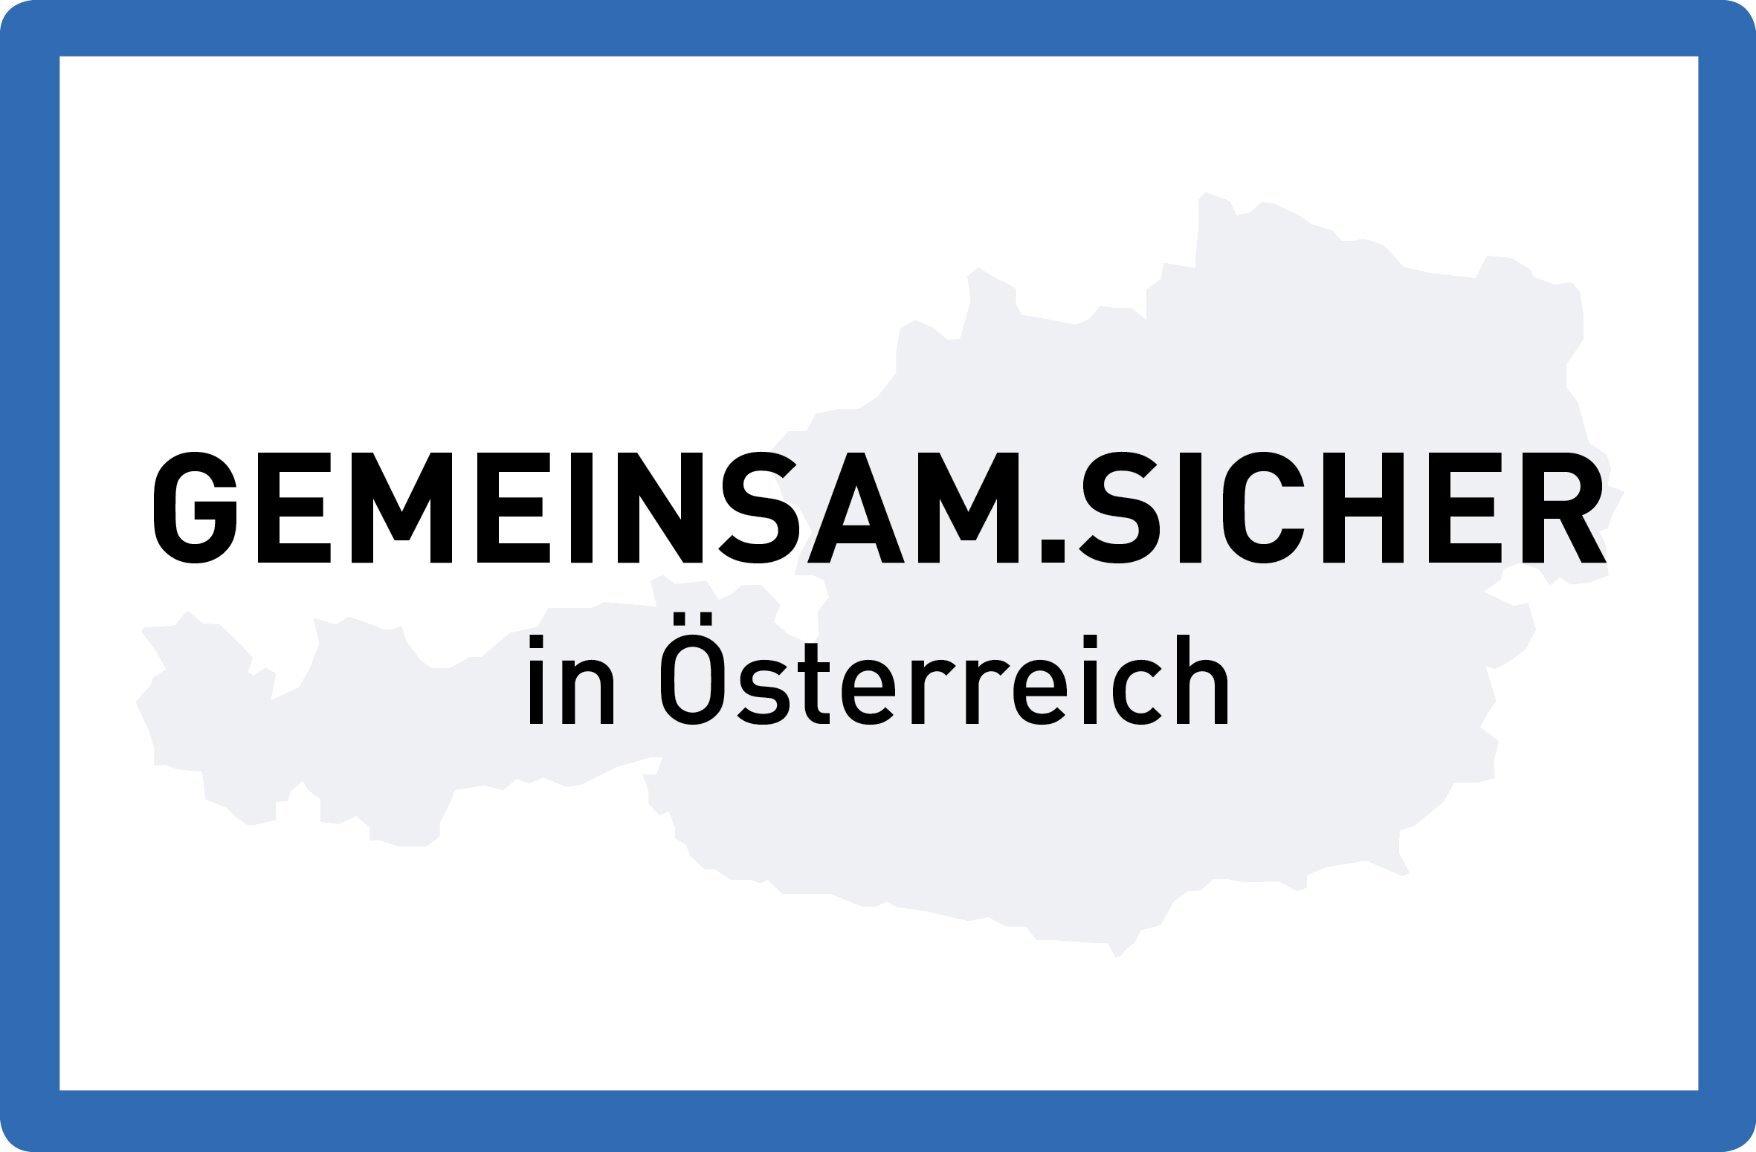 Projektpräsentation GEMEINSAM.SICHER